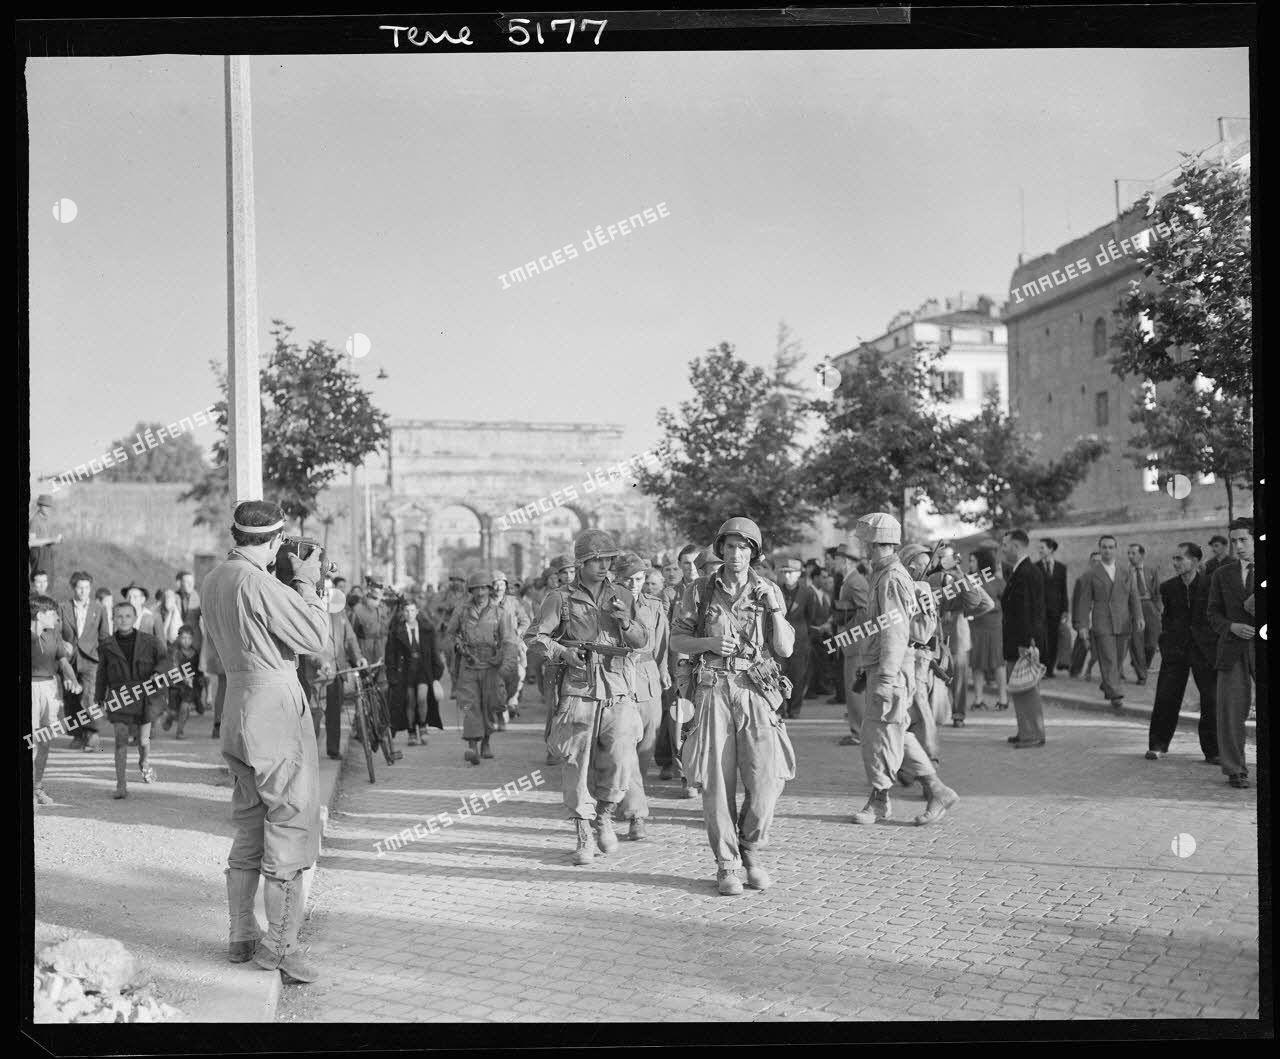 A Rome, à proximité de la porte Maggiore, des prisonniers allemands escortés par des soldats américains, sont filmés par Raymond Méjat, caméraman du Service cinématographique de l'armée (SCA).